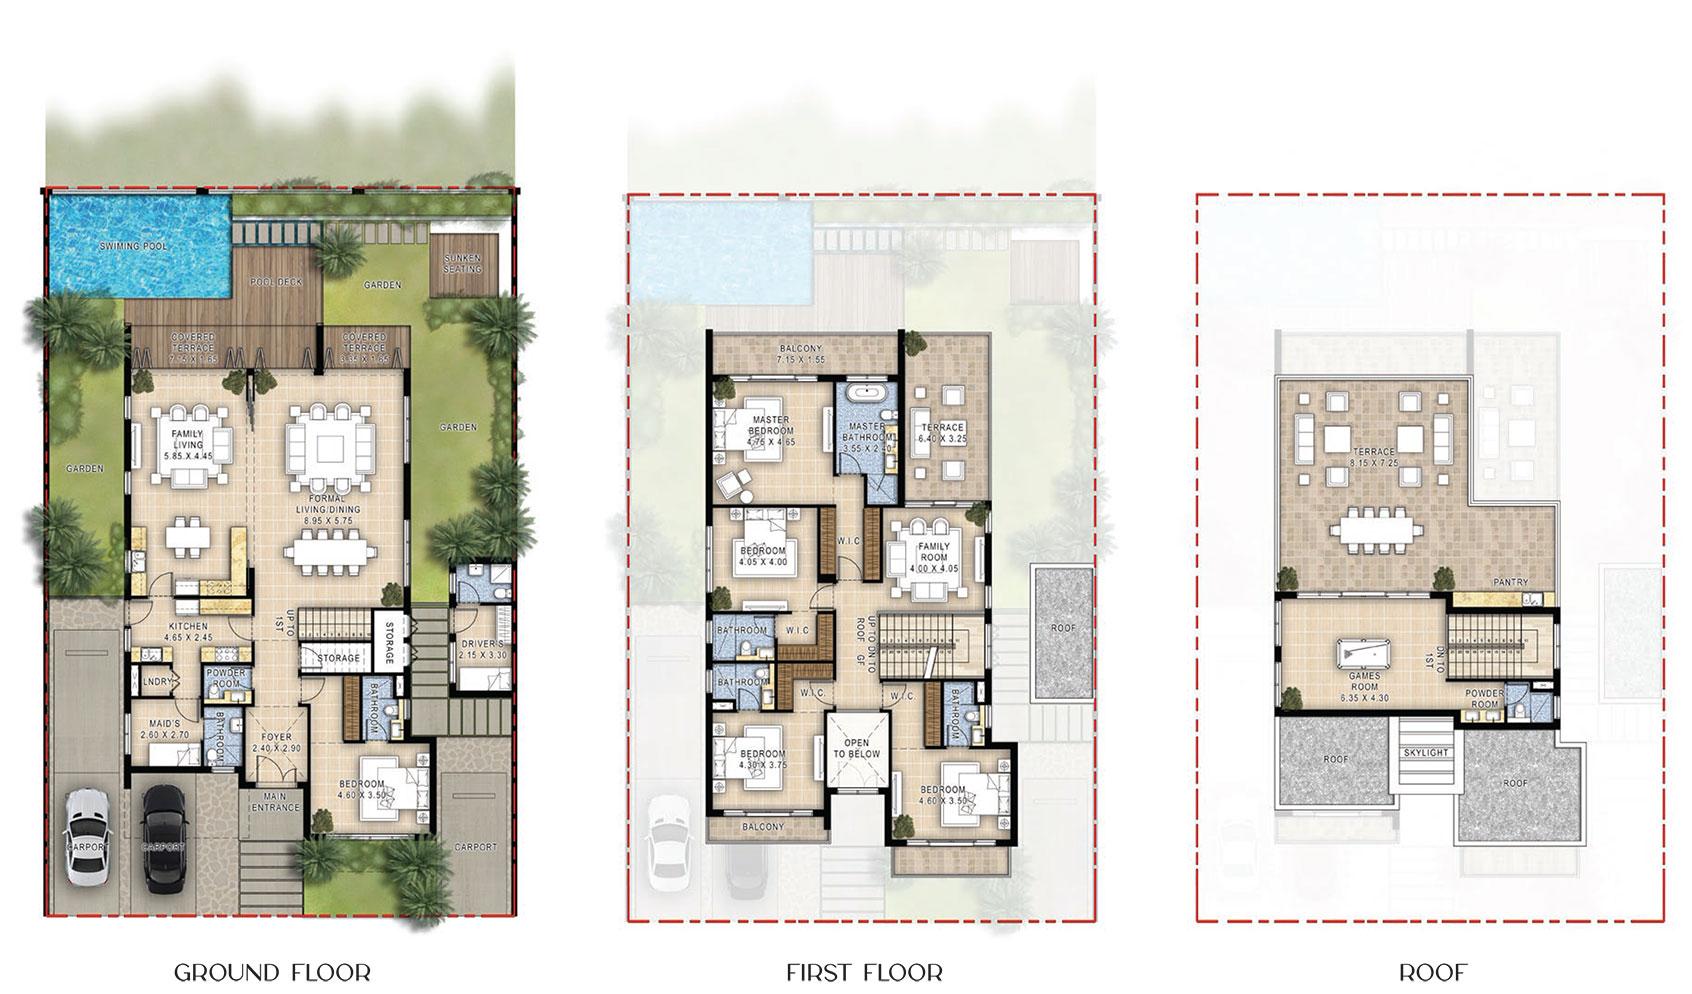 5 Bedroom Villas Floor Plan, Size 6,112 sq.ft.